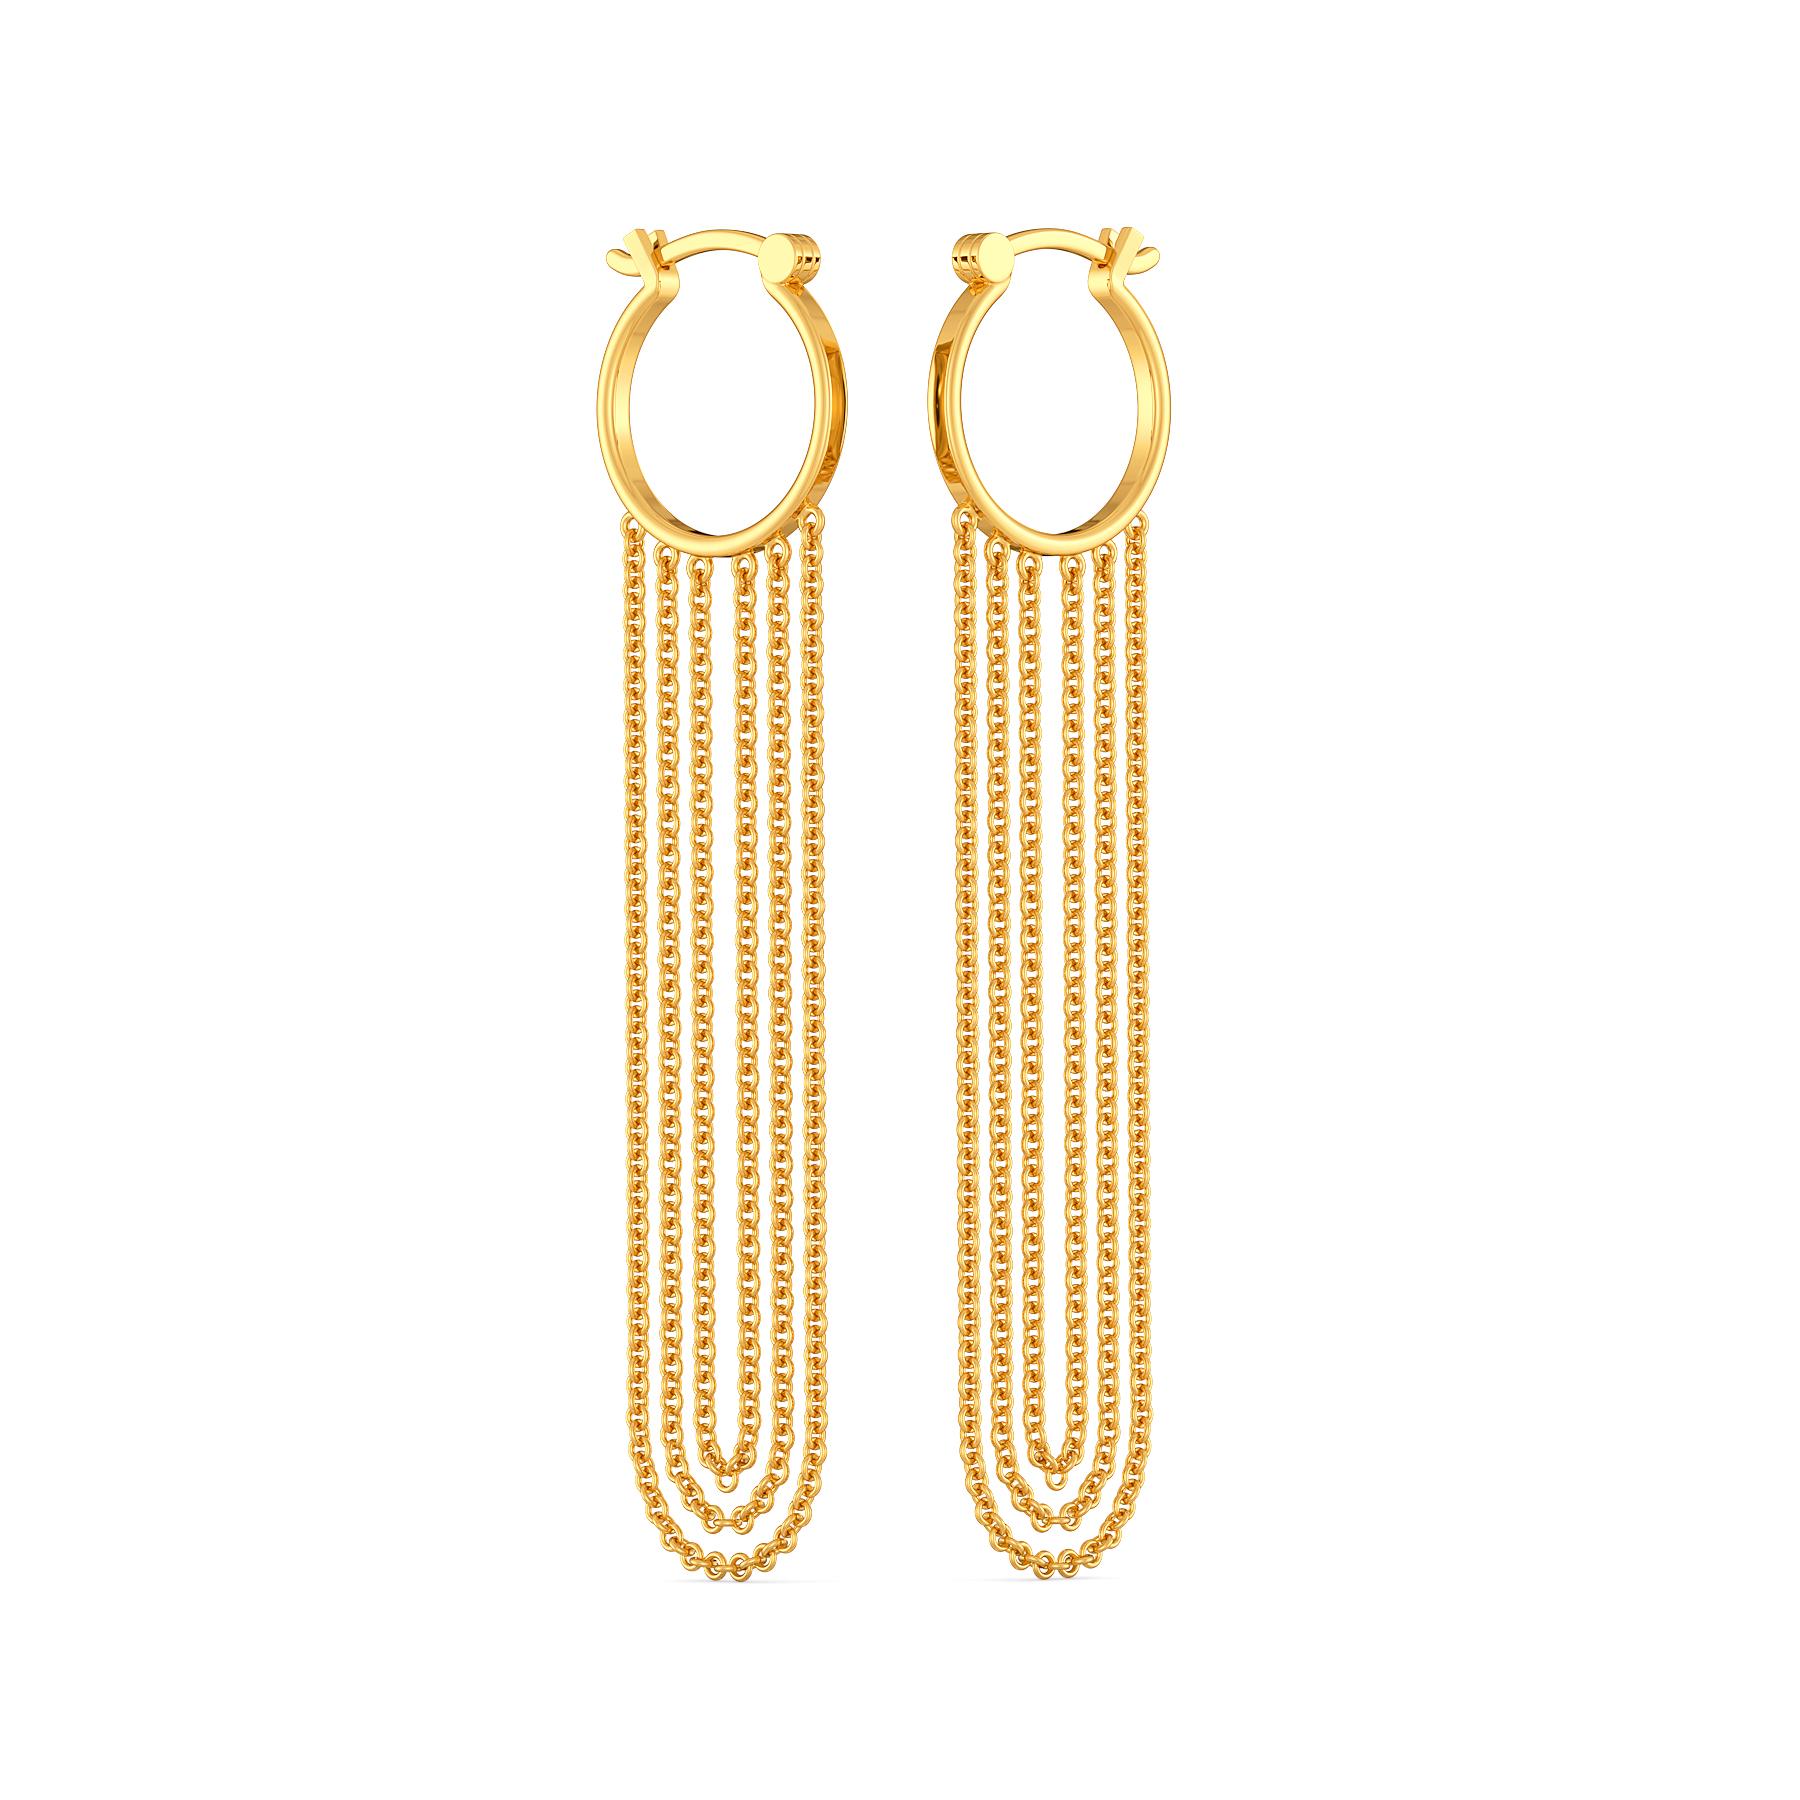 Extra on Fringe Gold Earrings